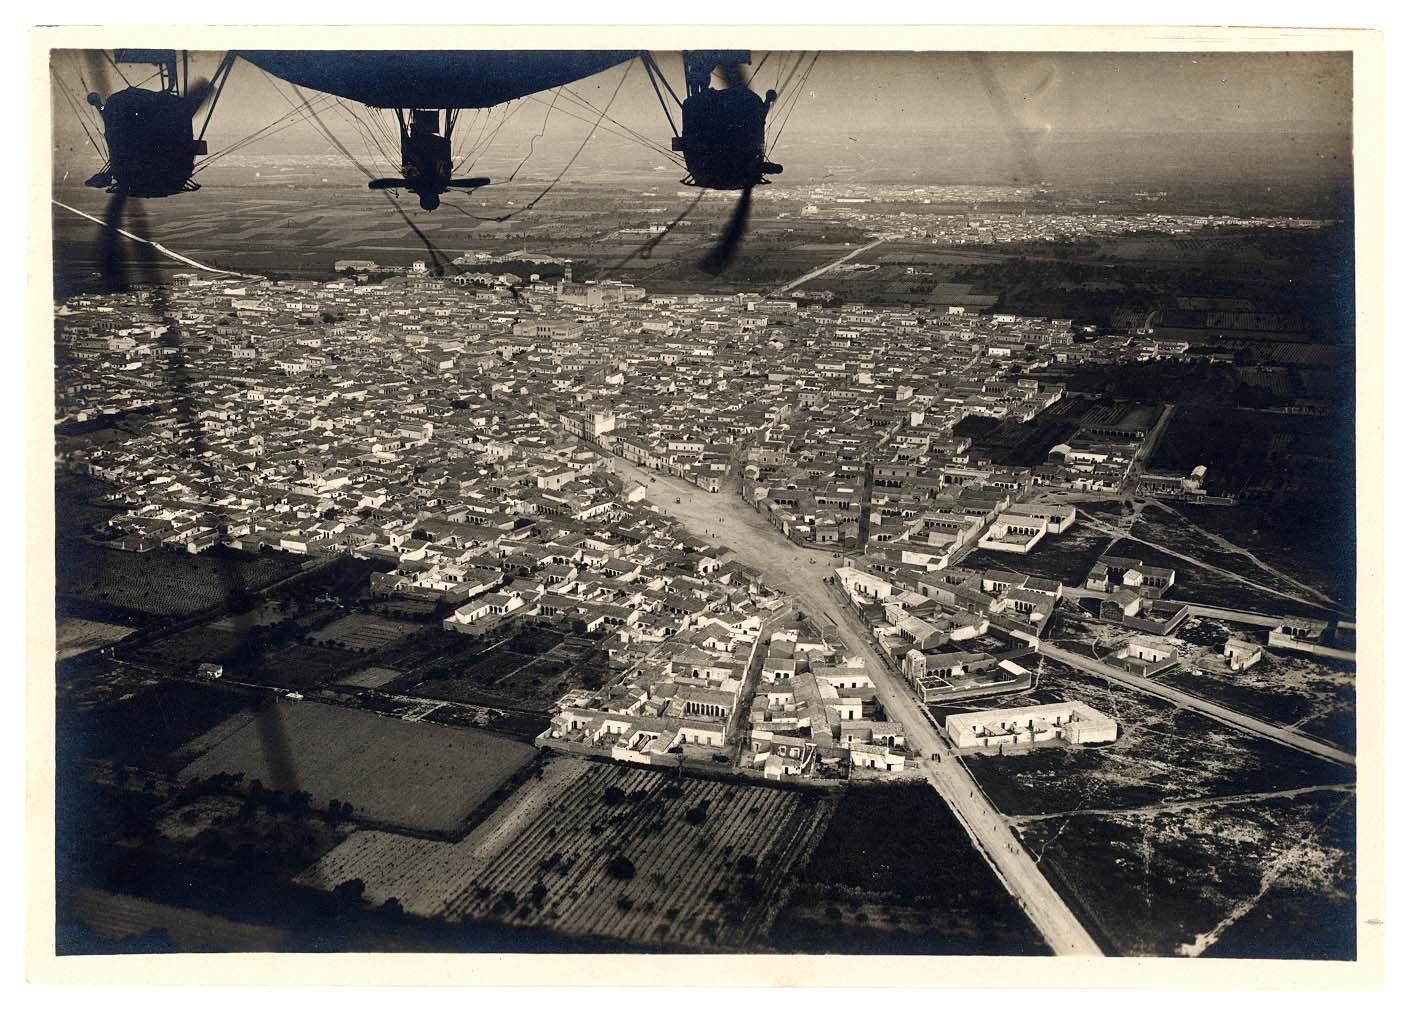 Archivio Comunale - 1921 - Topografia_jpg_foto 0030 12-13